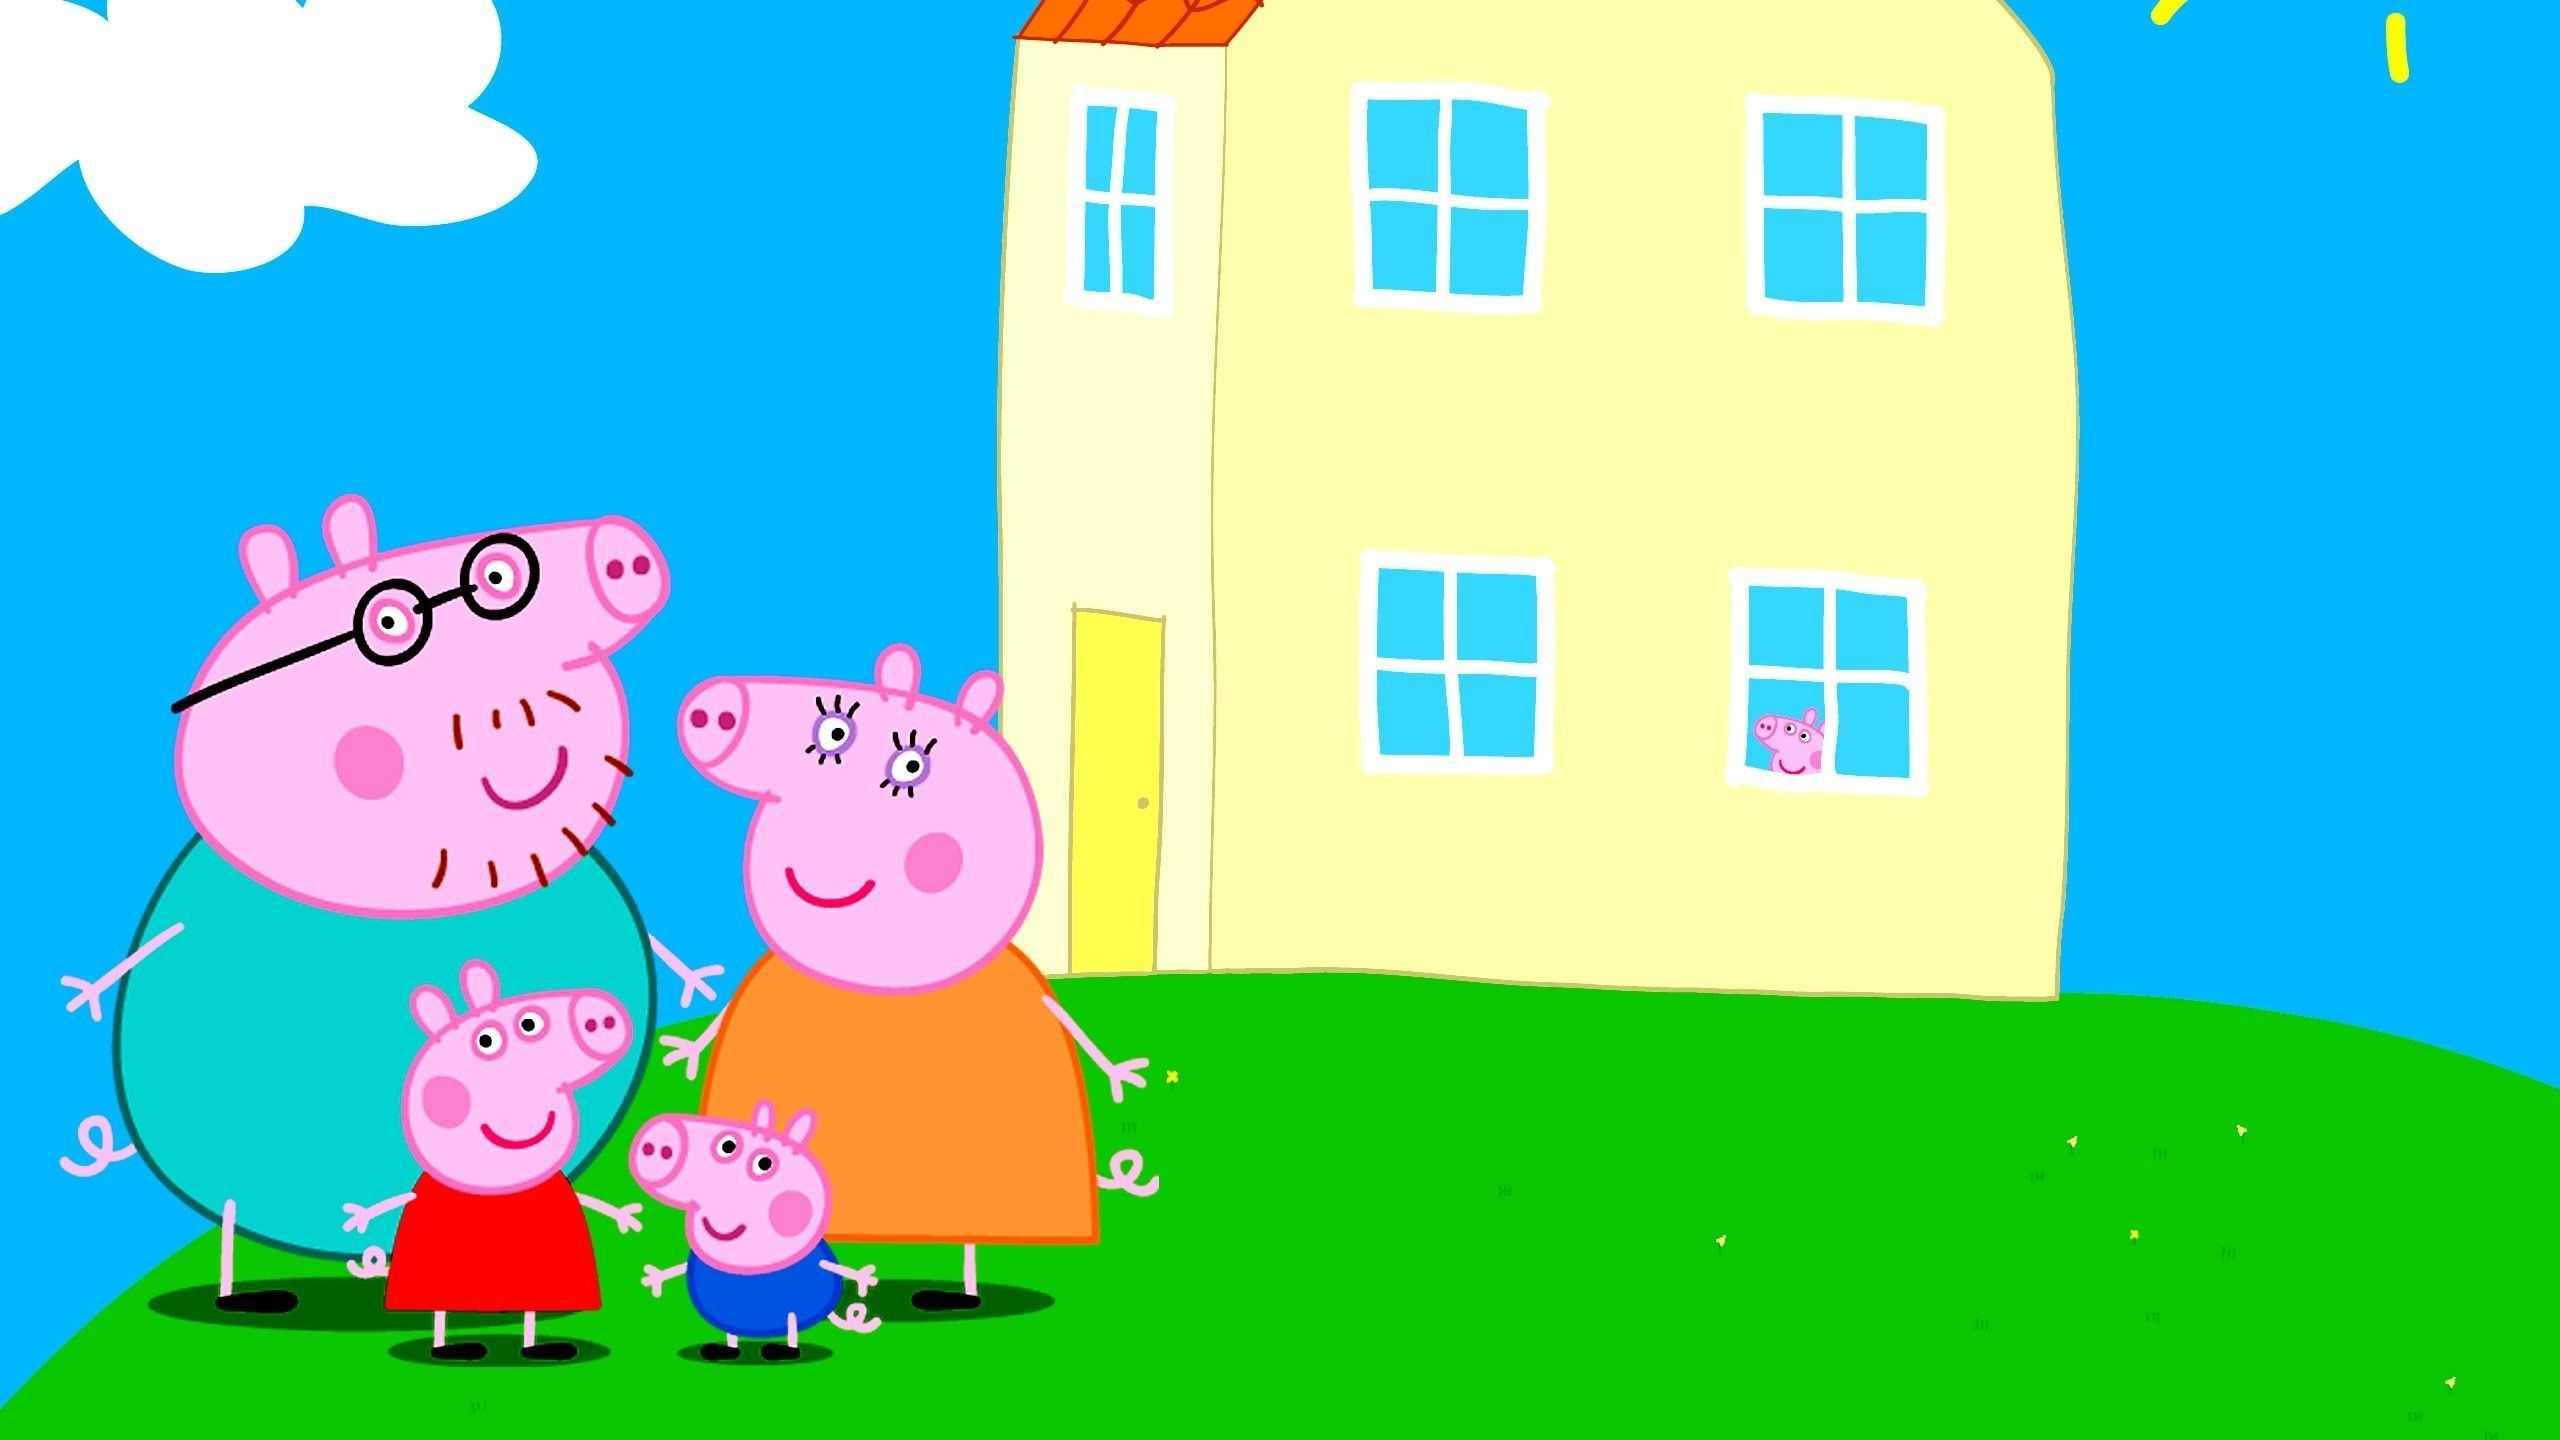 Fondos de pantalla de Peppa Pig en casa